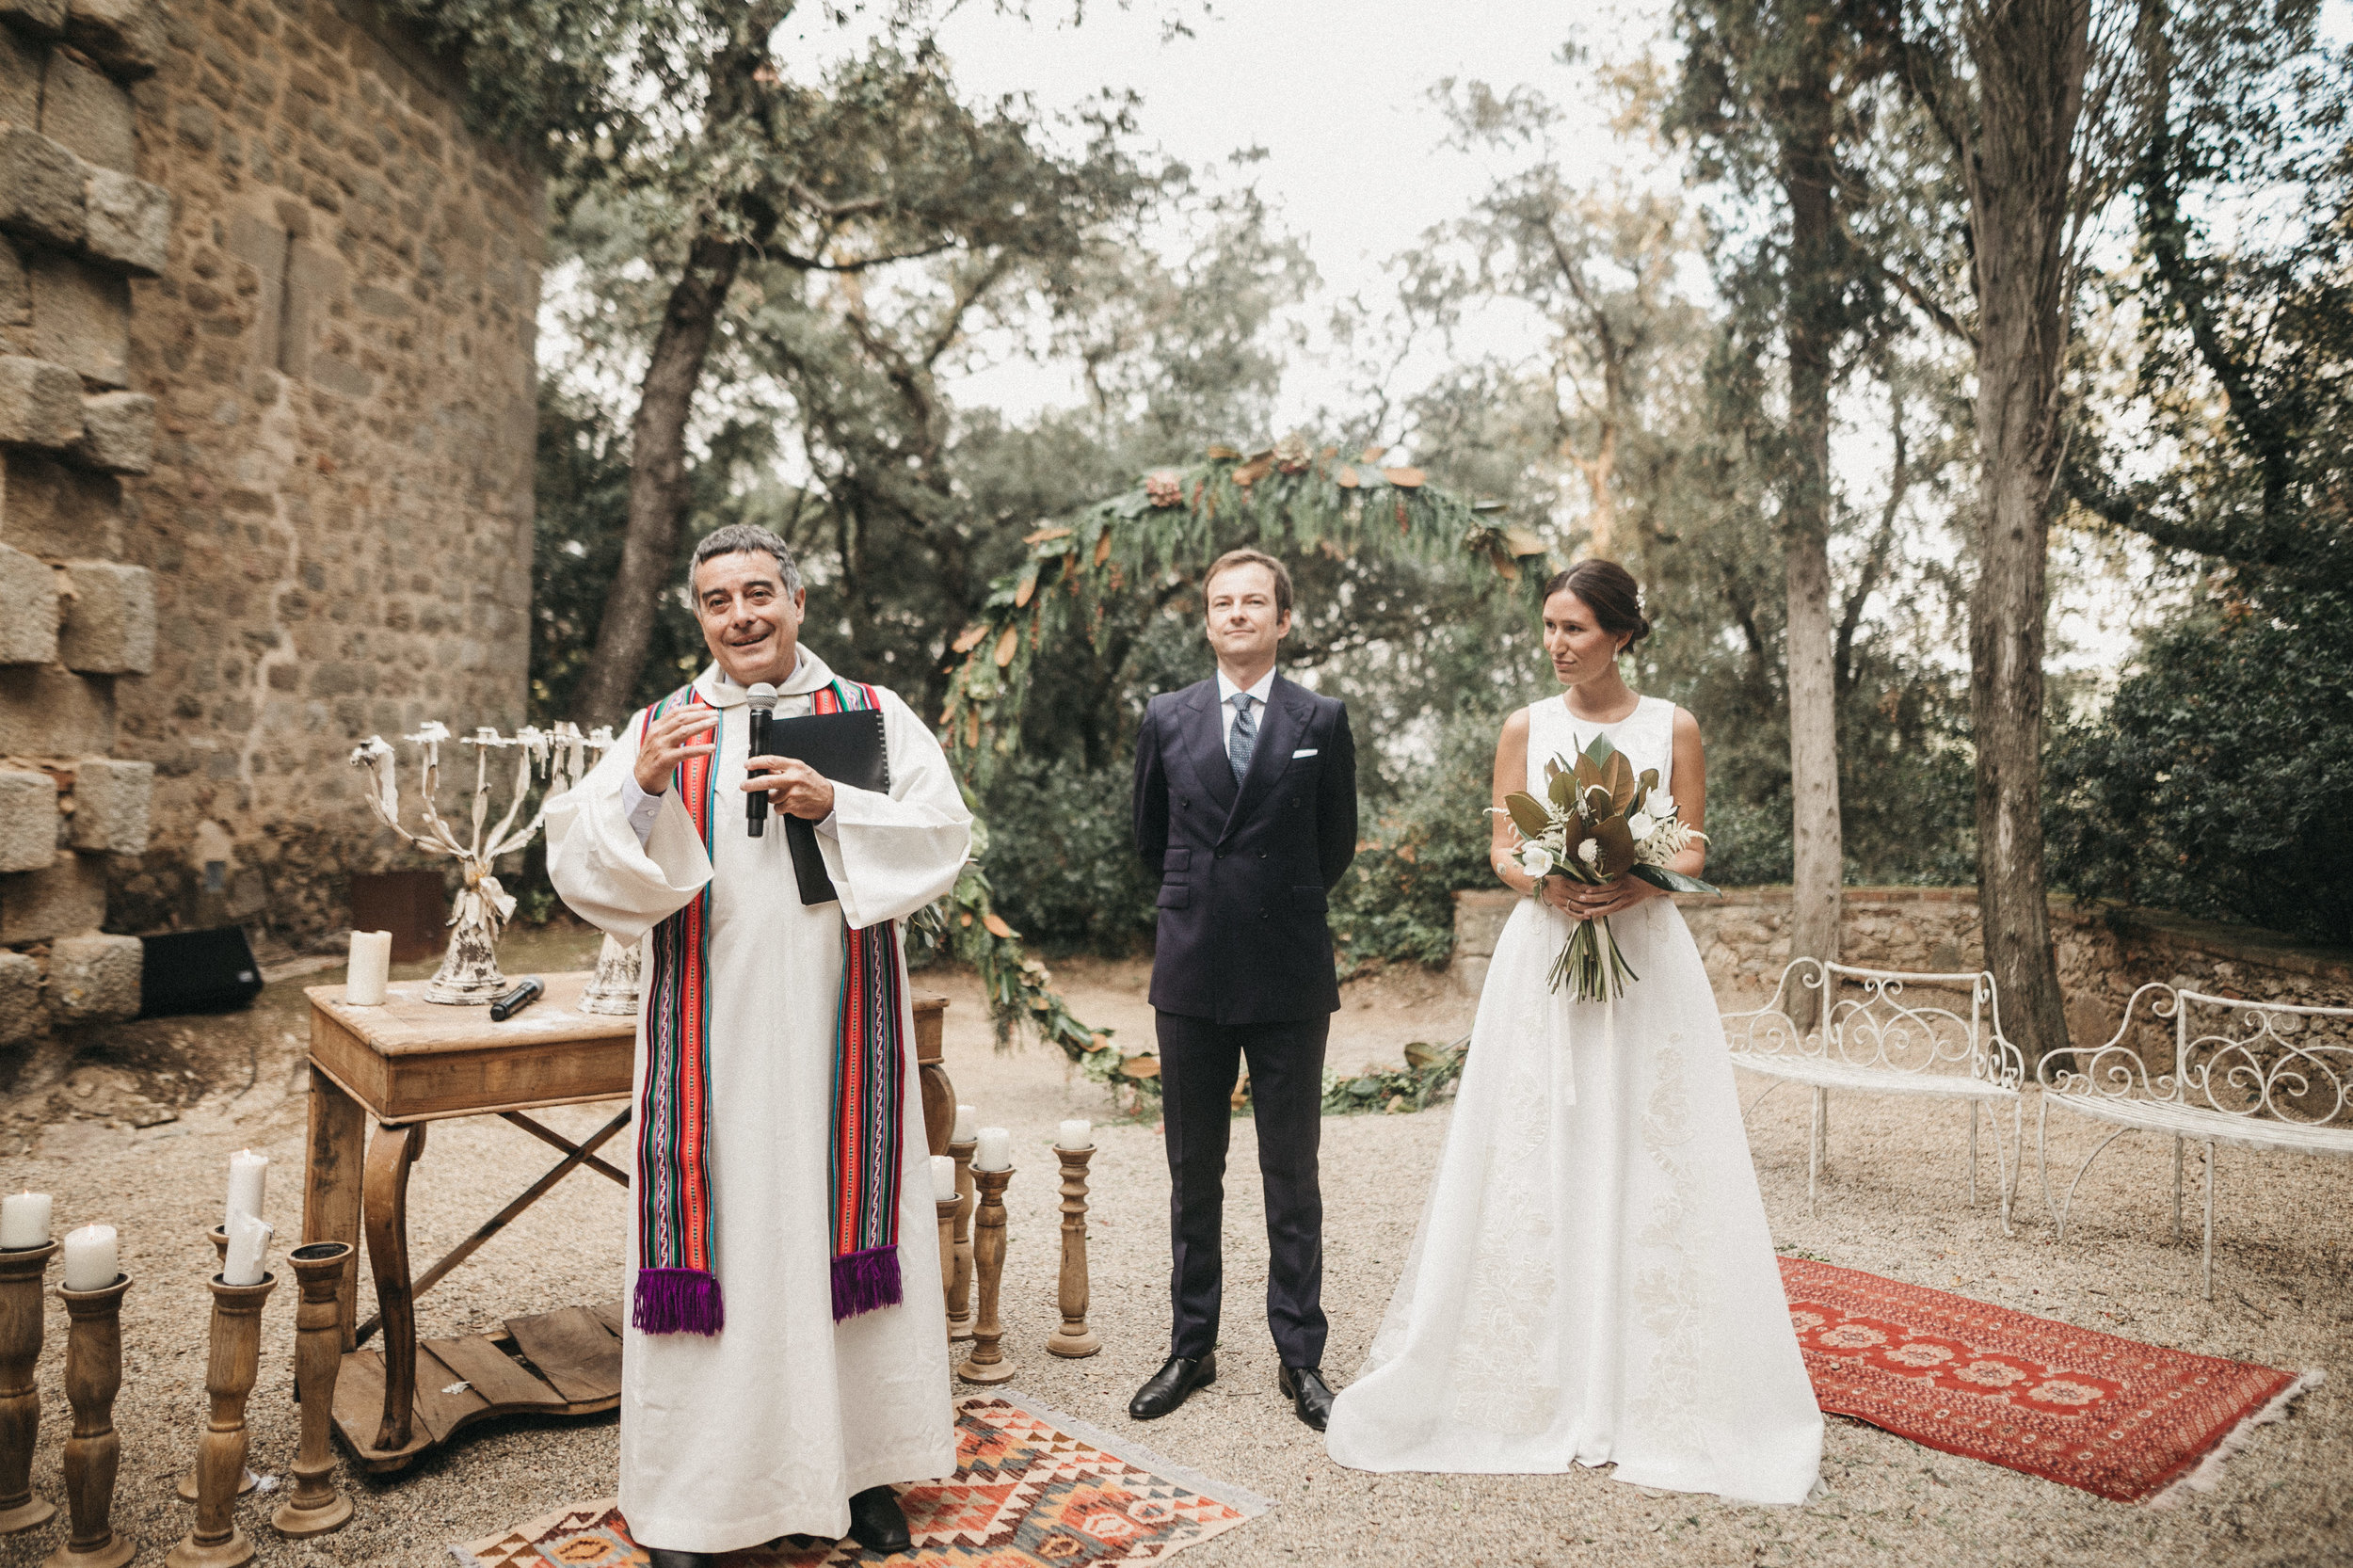 Fotografo de bodas españa serafin castillo wedding photographer spain 012.jpg